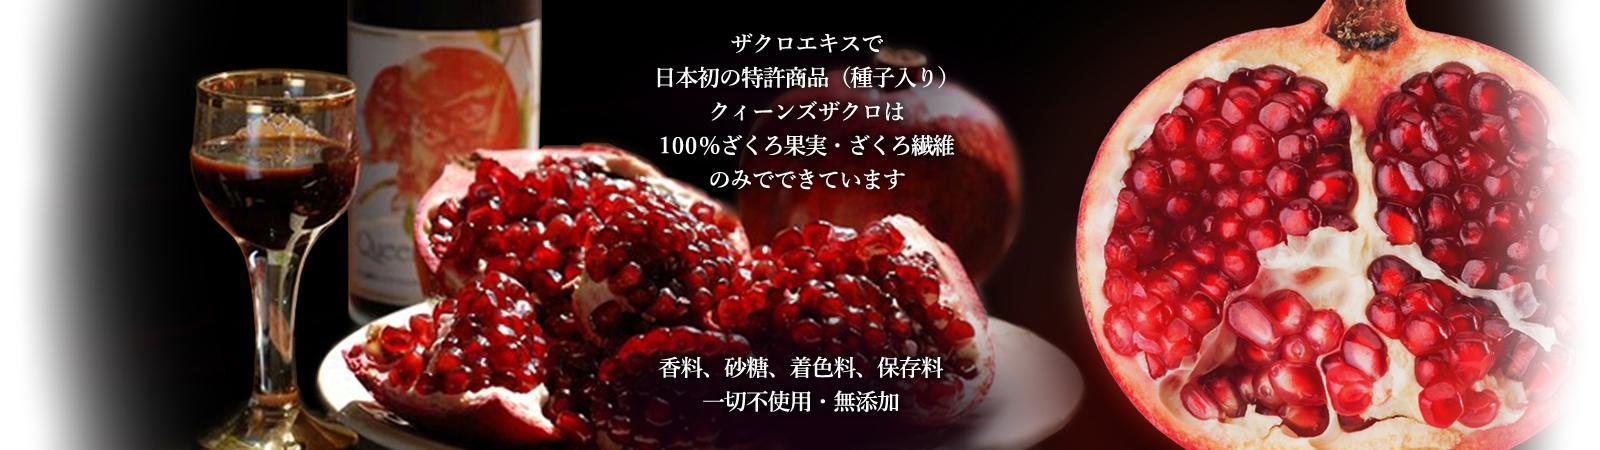 ザクロジュースで日本初の特許商品(種子入り)クィーンズザクロは100%ざくろ果実・ざくろ繊維のみでできています 香料、砂糖、着色料、保存料一切不使用・無添加